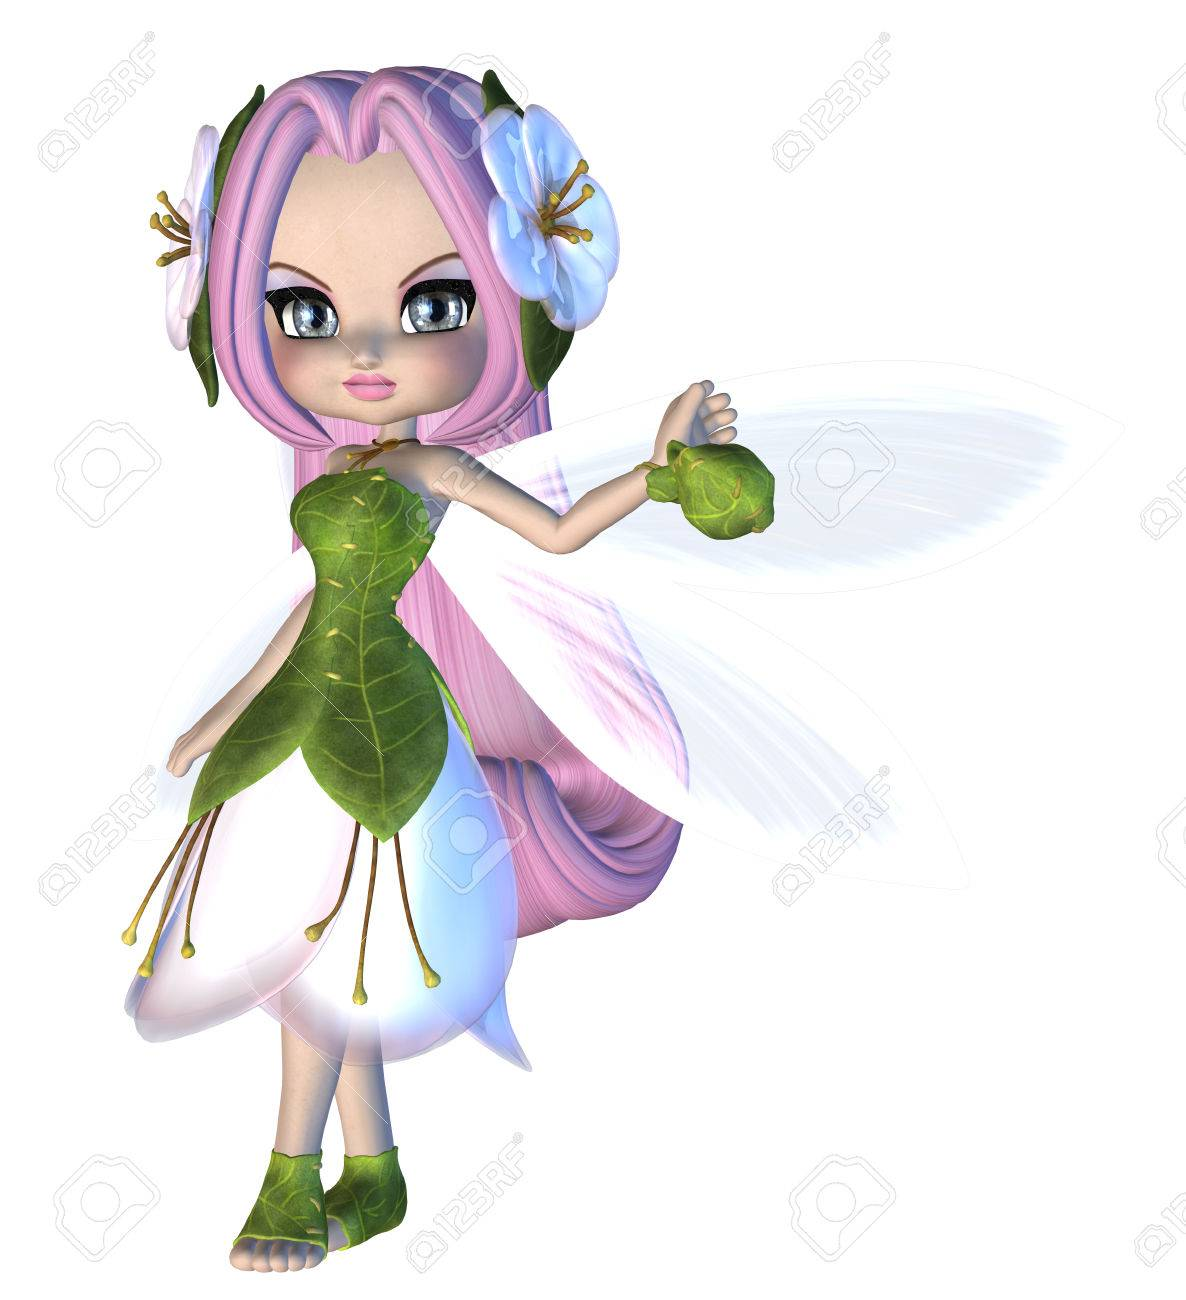 花柄のドレスにかわいい妖精のイラストをデジタル表示されます の写真